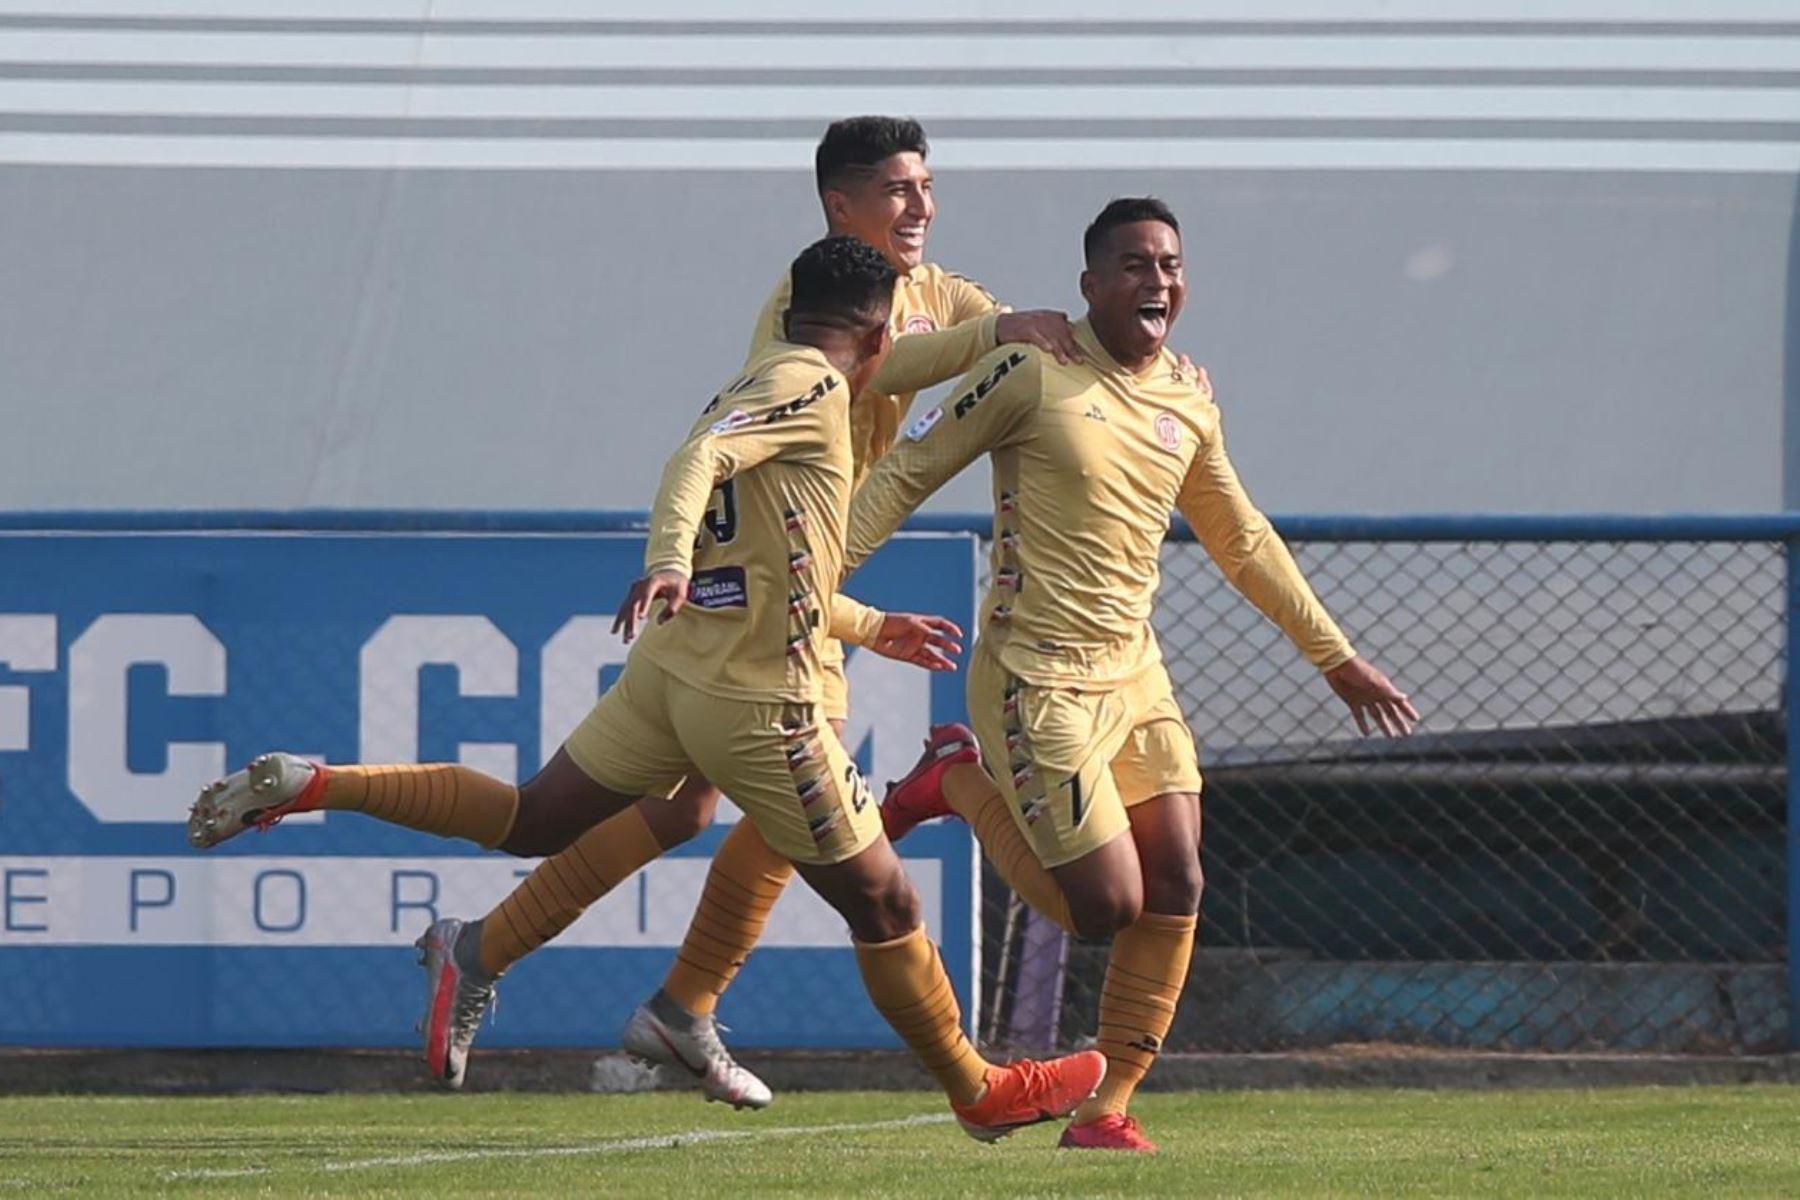 El futbolista J. Estrada del  Club UTC  celebra su gol anotado ante su rival Sport Boys, por la jornada 10 de la Liga 1, en el estadio Alberto Gallardo. Foto: LigaFutProf